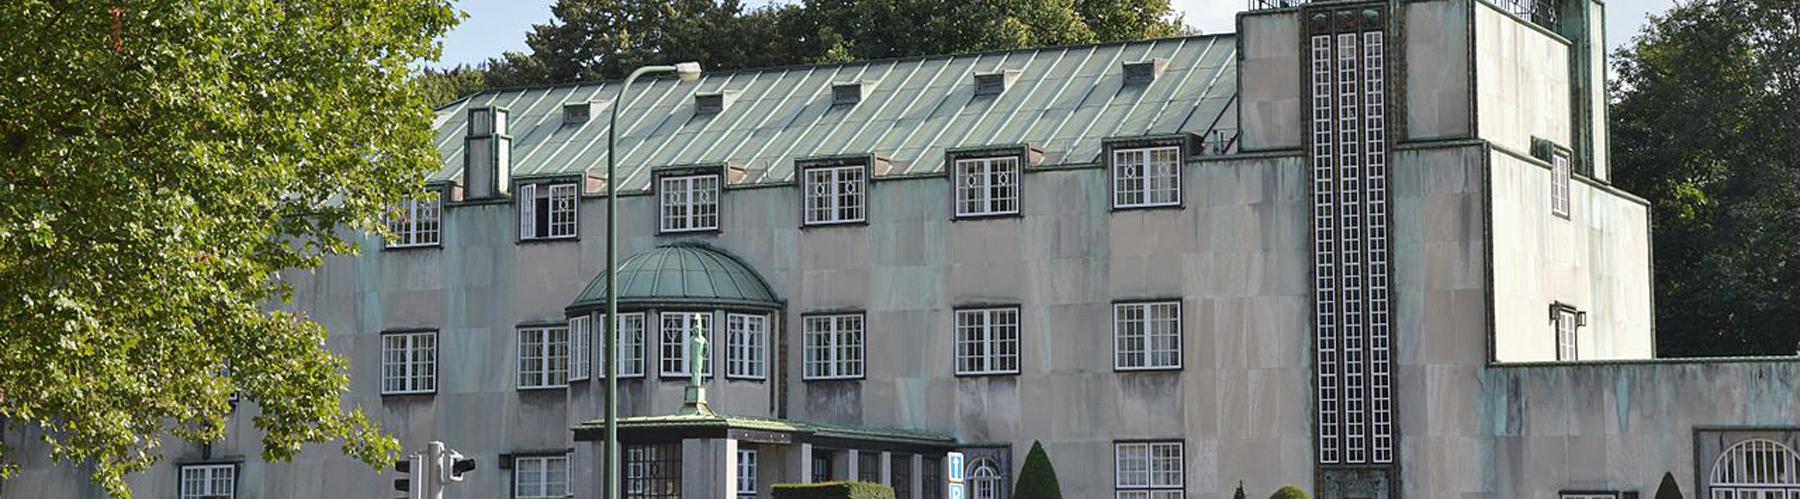 Brüssel – Hostels in der Nähe von Palais Stoclet. Brüssel auf der Karte. Fotos und Bewertungen für jedes Hostel in Brüssel.